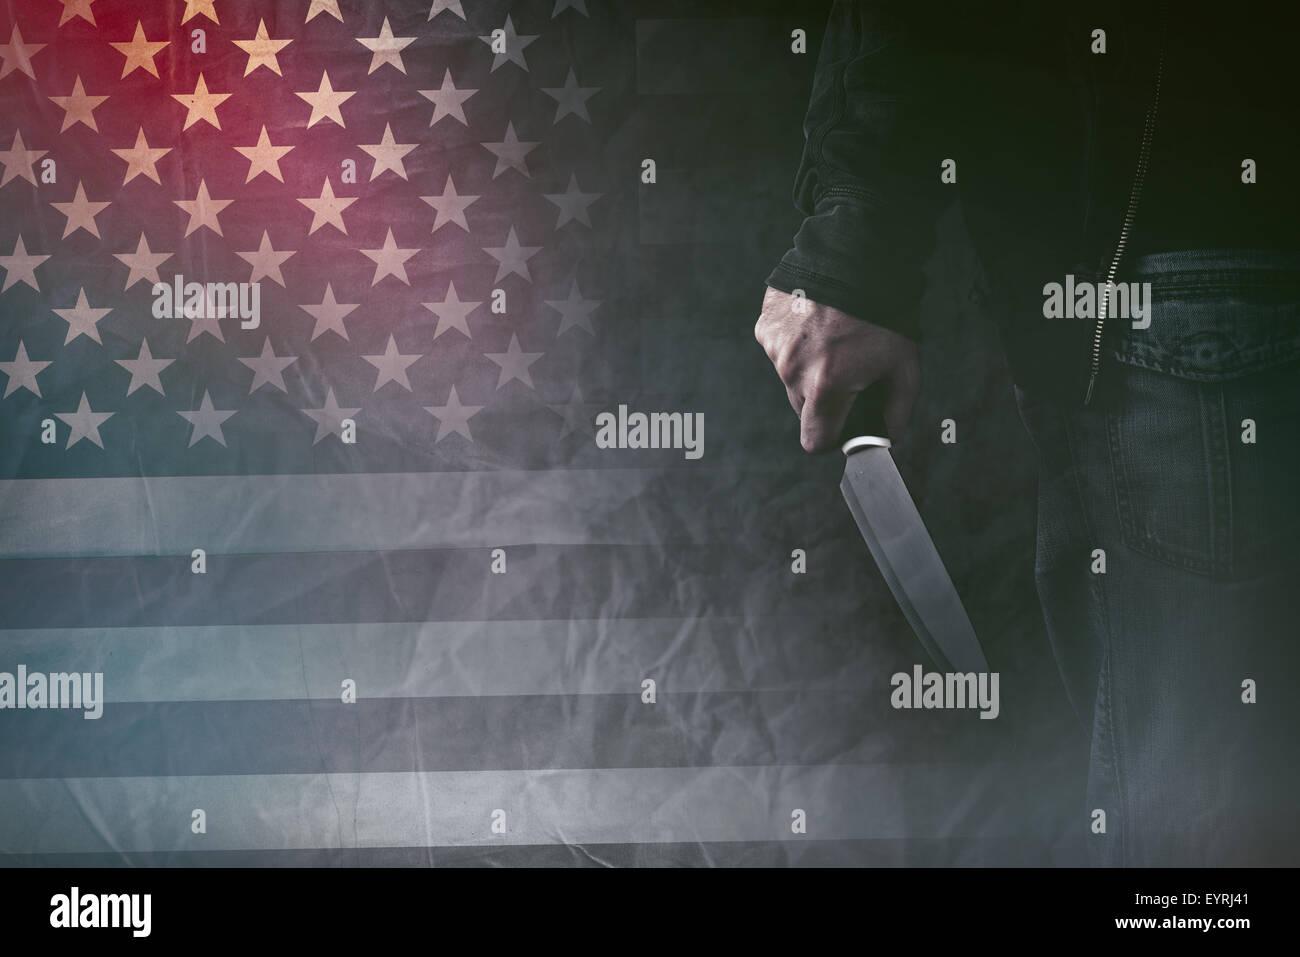 American serial killer, maschio mano con coltello affilato e grunge bandiera degli Stati Uniti in background, dai Immagini Stock